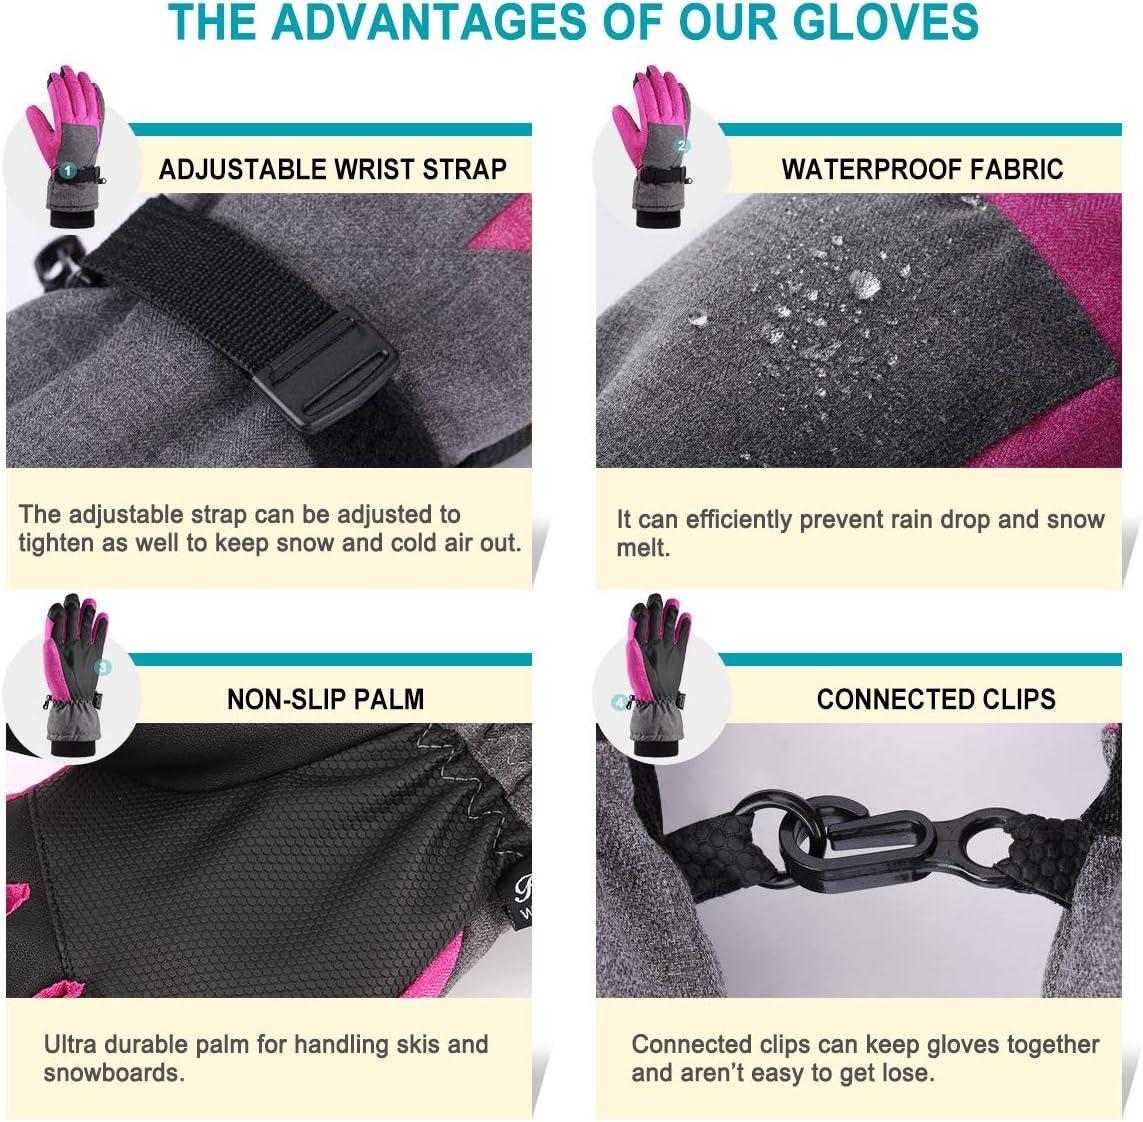 Gris et Rose, S Snowboard et Sports en Plein air Femmes 3M Thinsulate Touchscreen Chaud Imperm/éable Coupe-Vent Gants dhiver adapt/és Ski Andake Gants de Ski /équitation